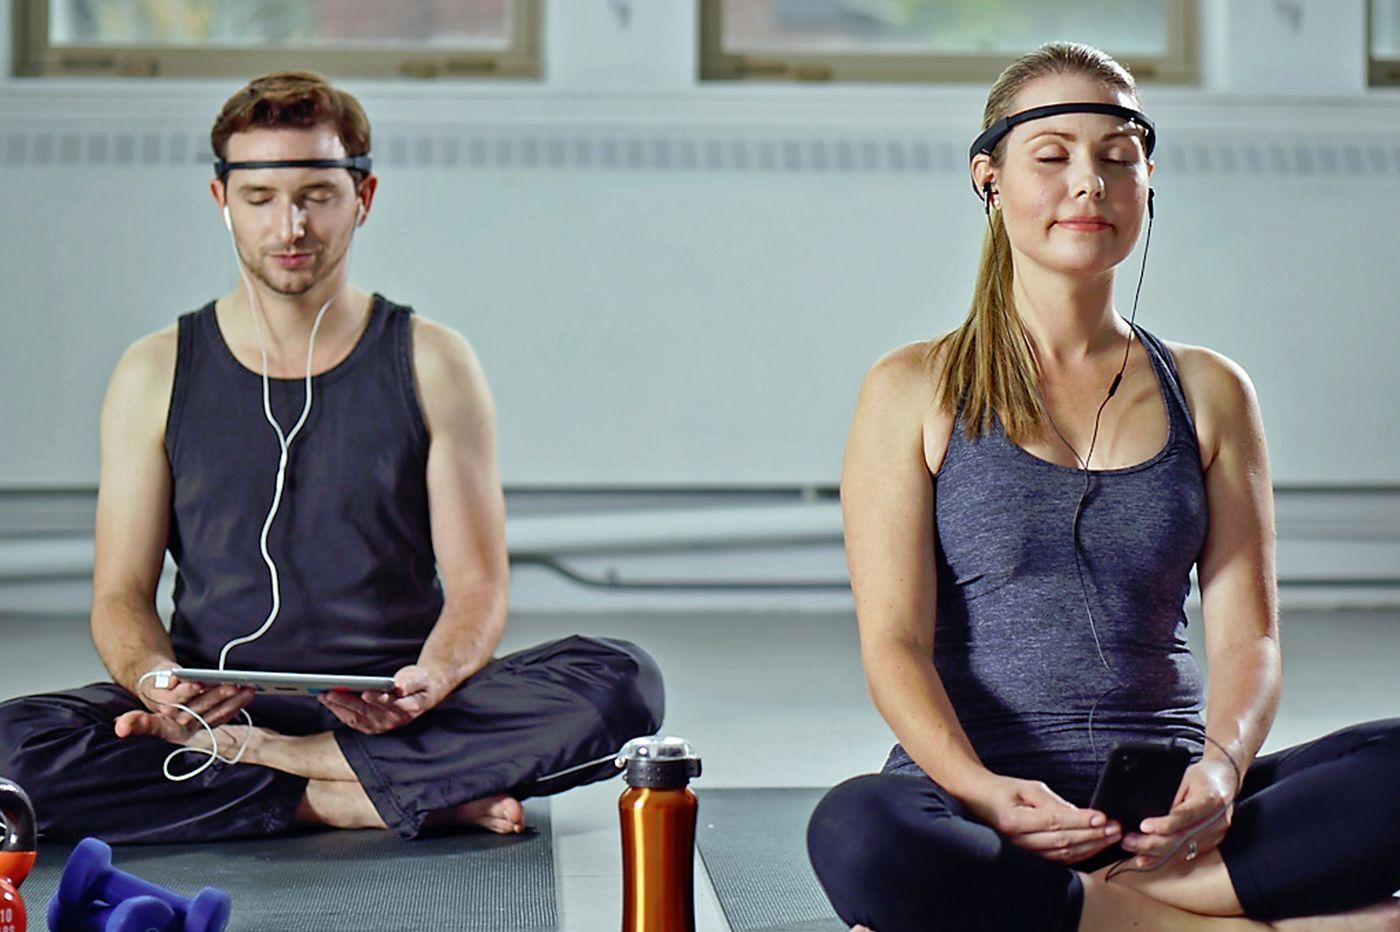 Mediteerimisvõru Muse promofoto